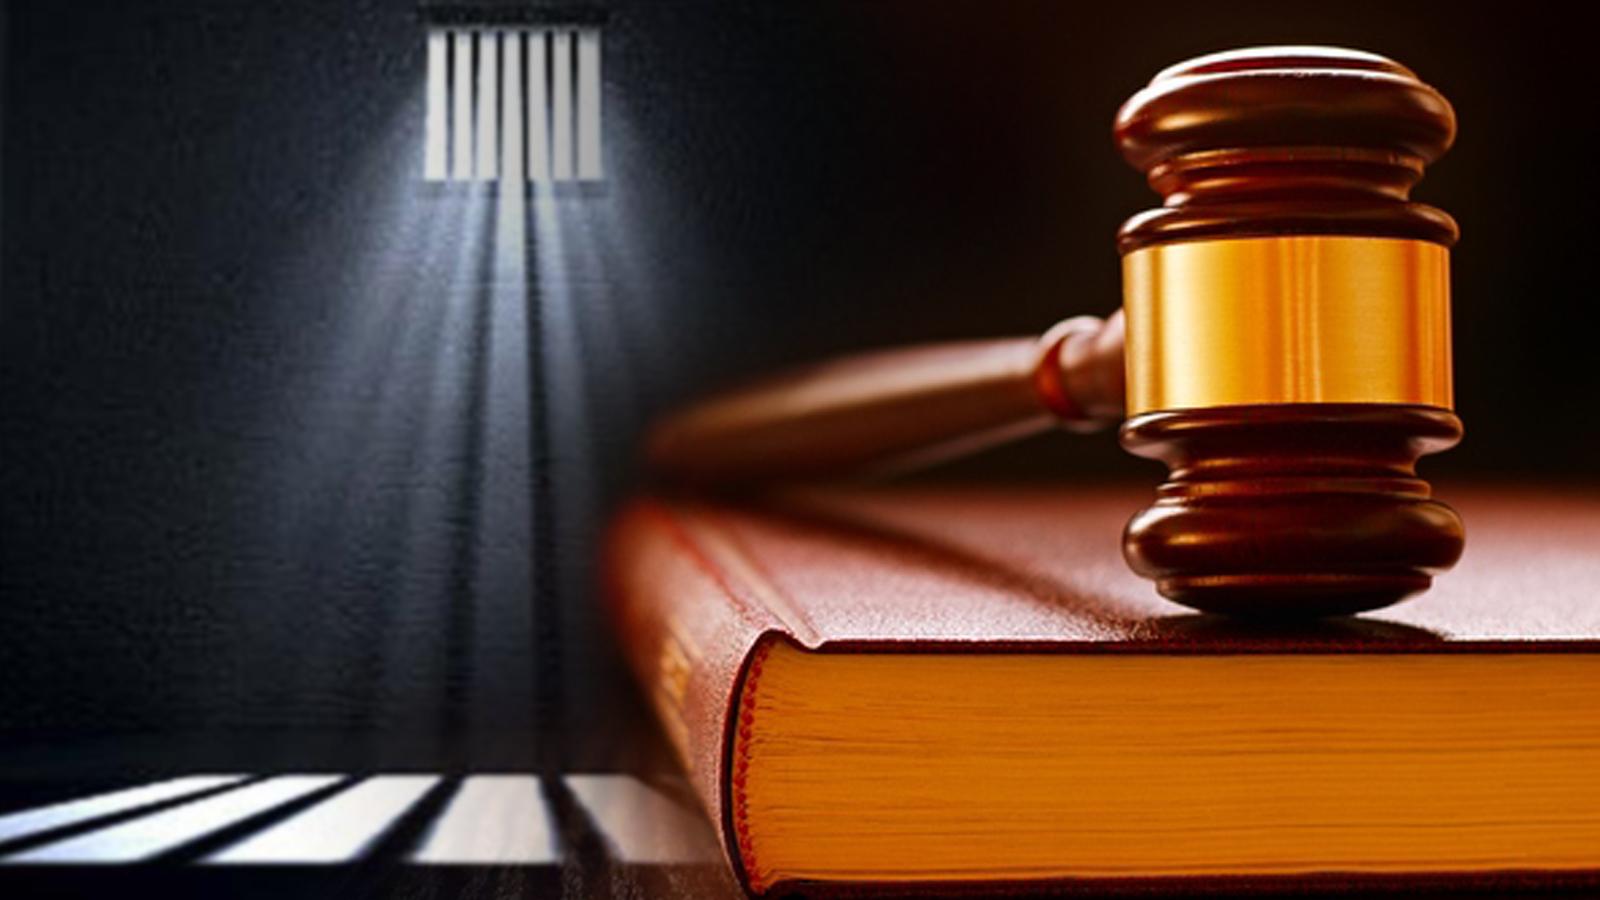 โทษของกฎหมาย ระหว่าง โทษปรับทางอาญา VS โทษปรับทางปกครอง